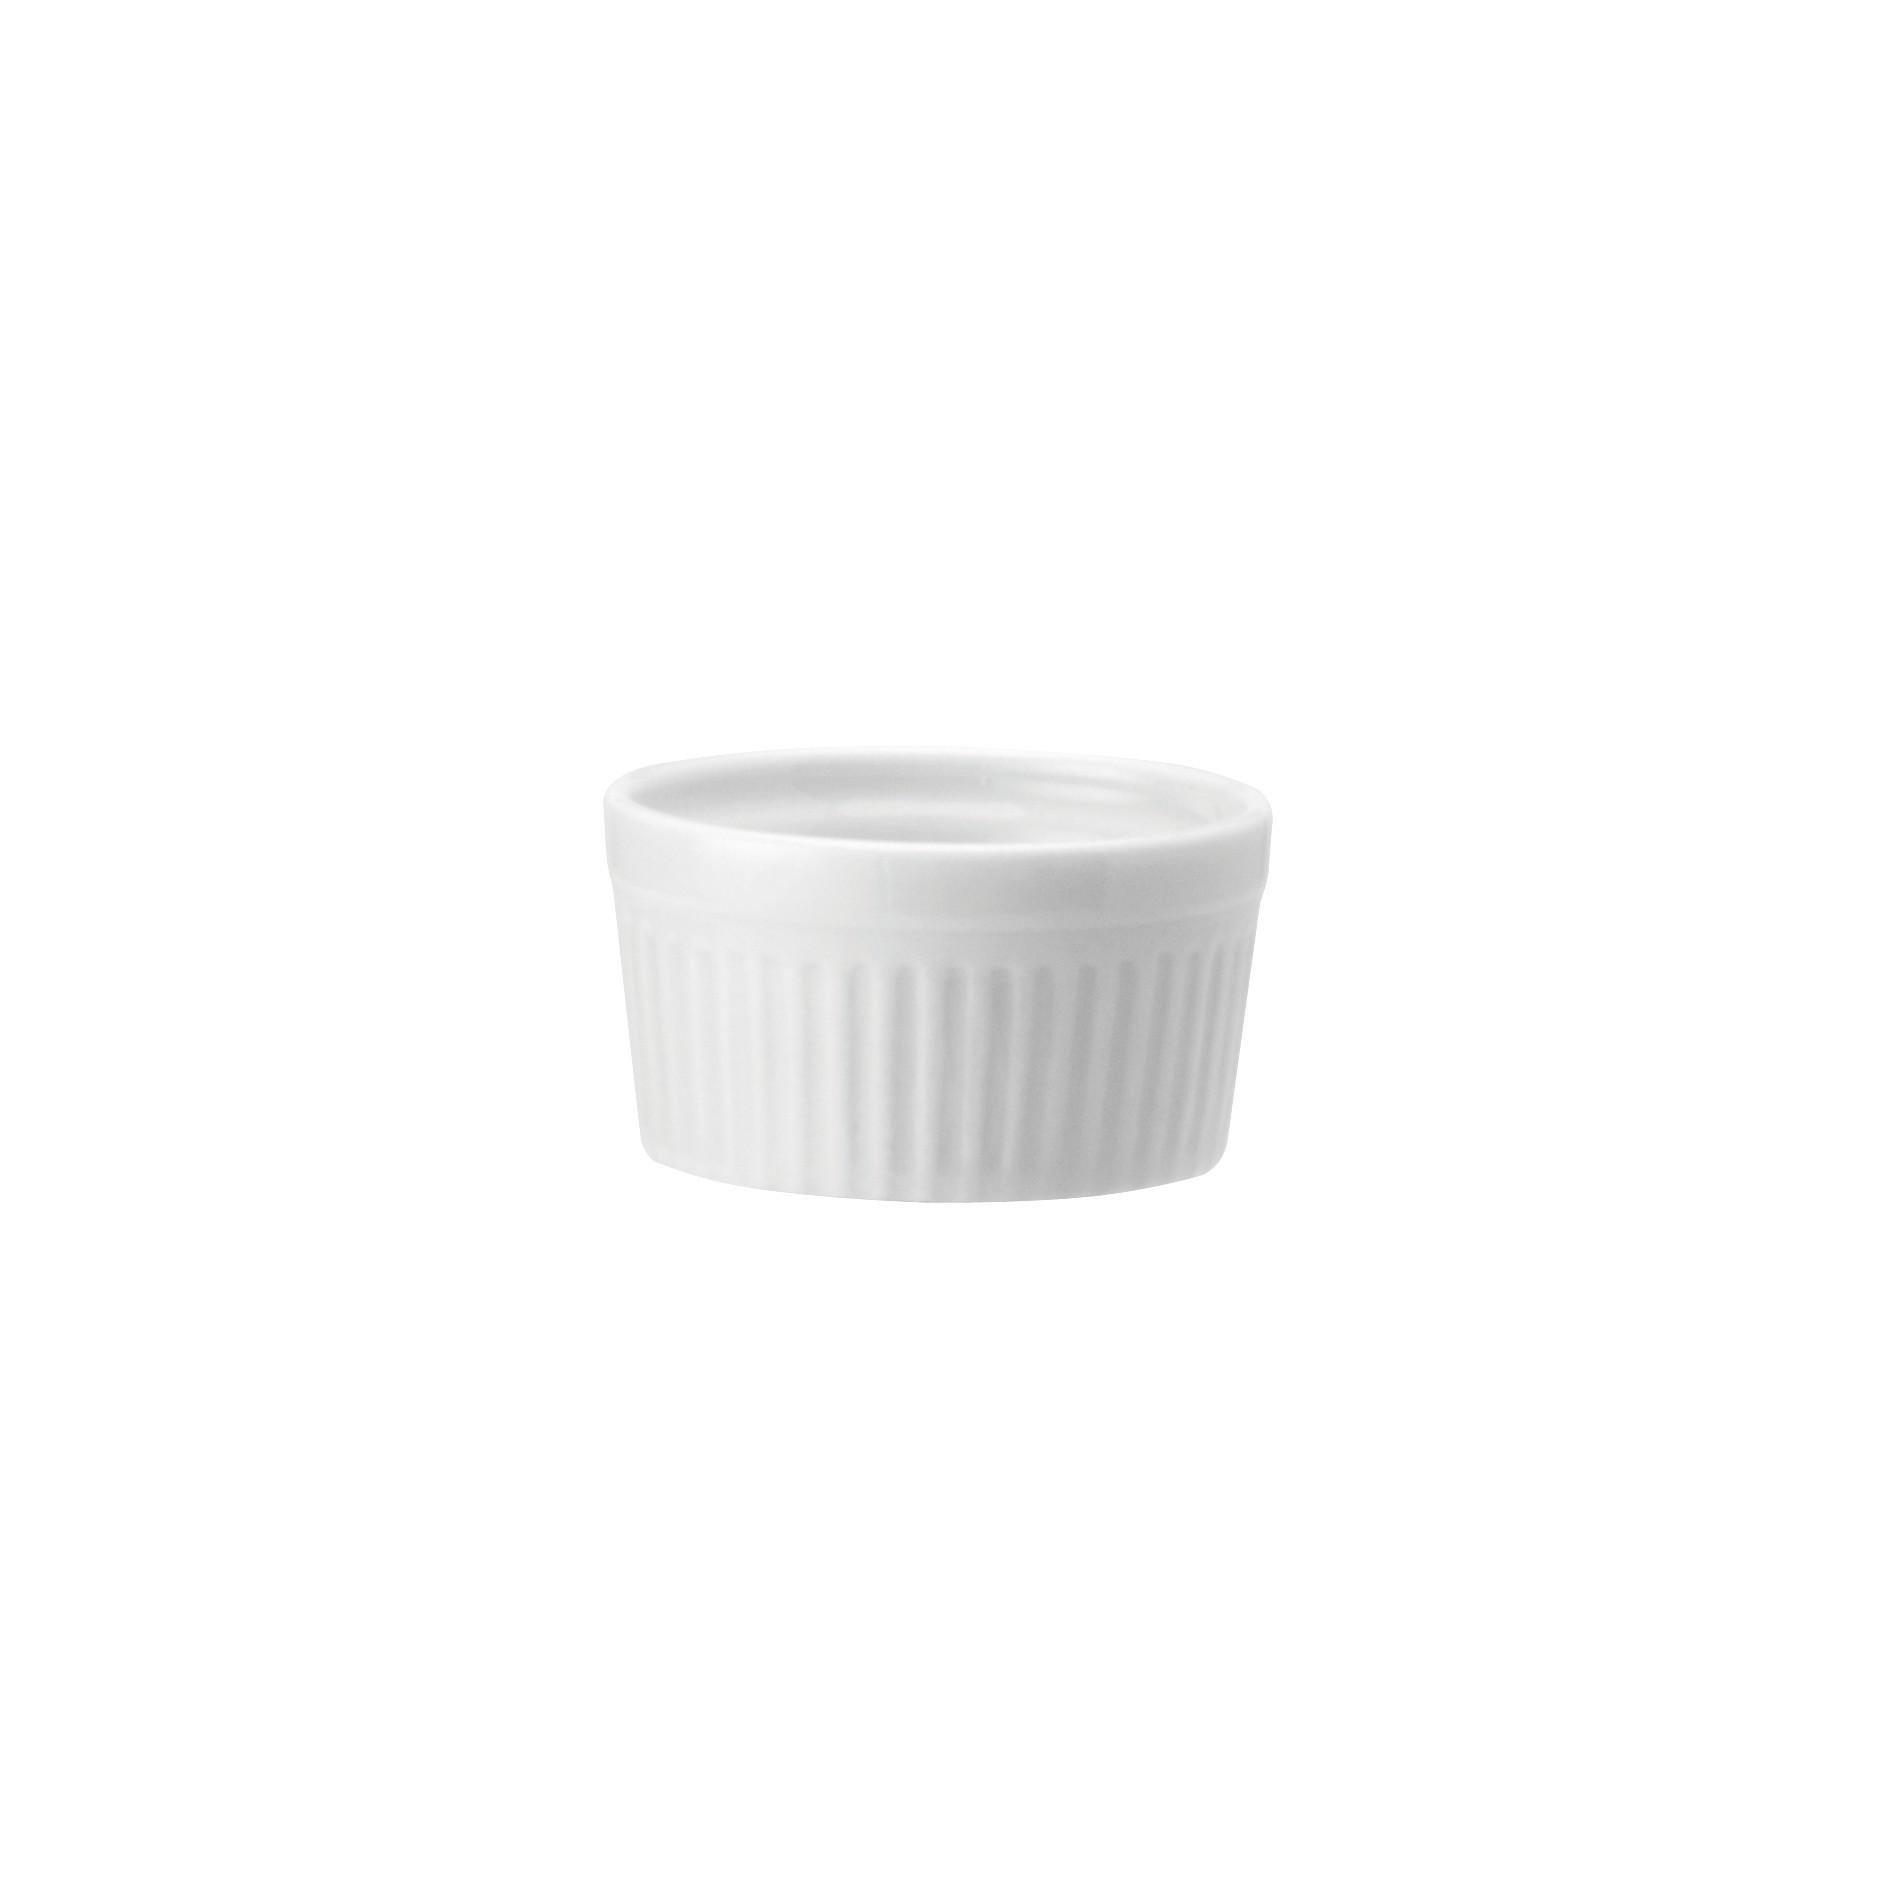 Ramequin de Porcelana Redondo 8cm Branco - Schmidt